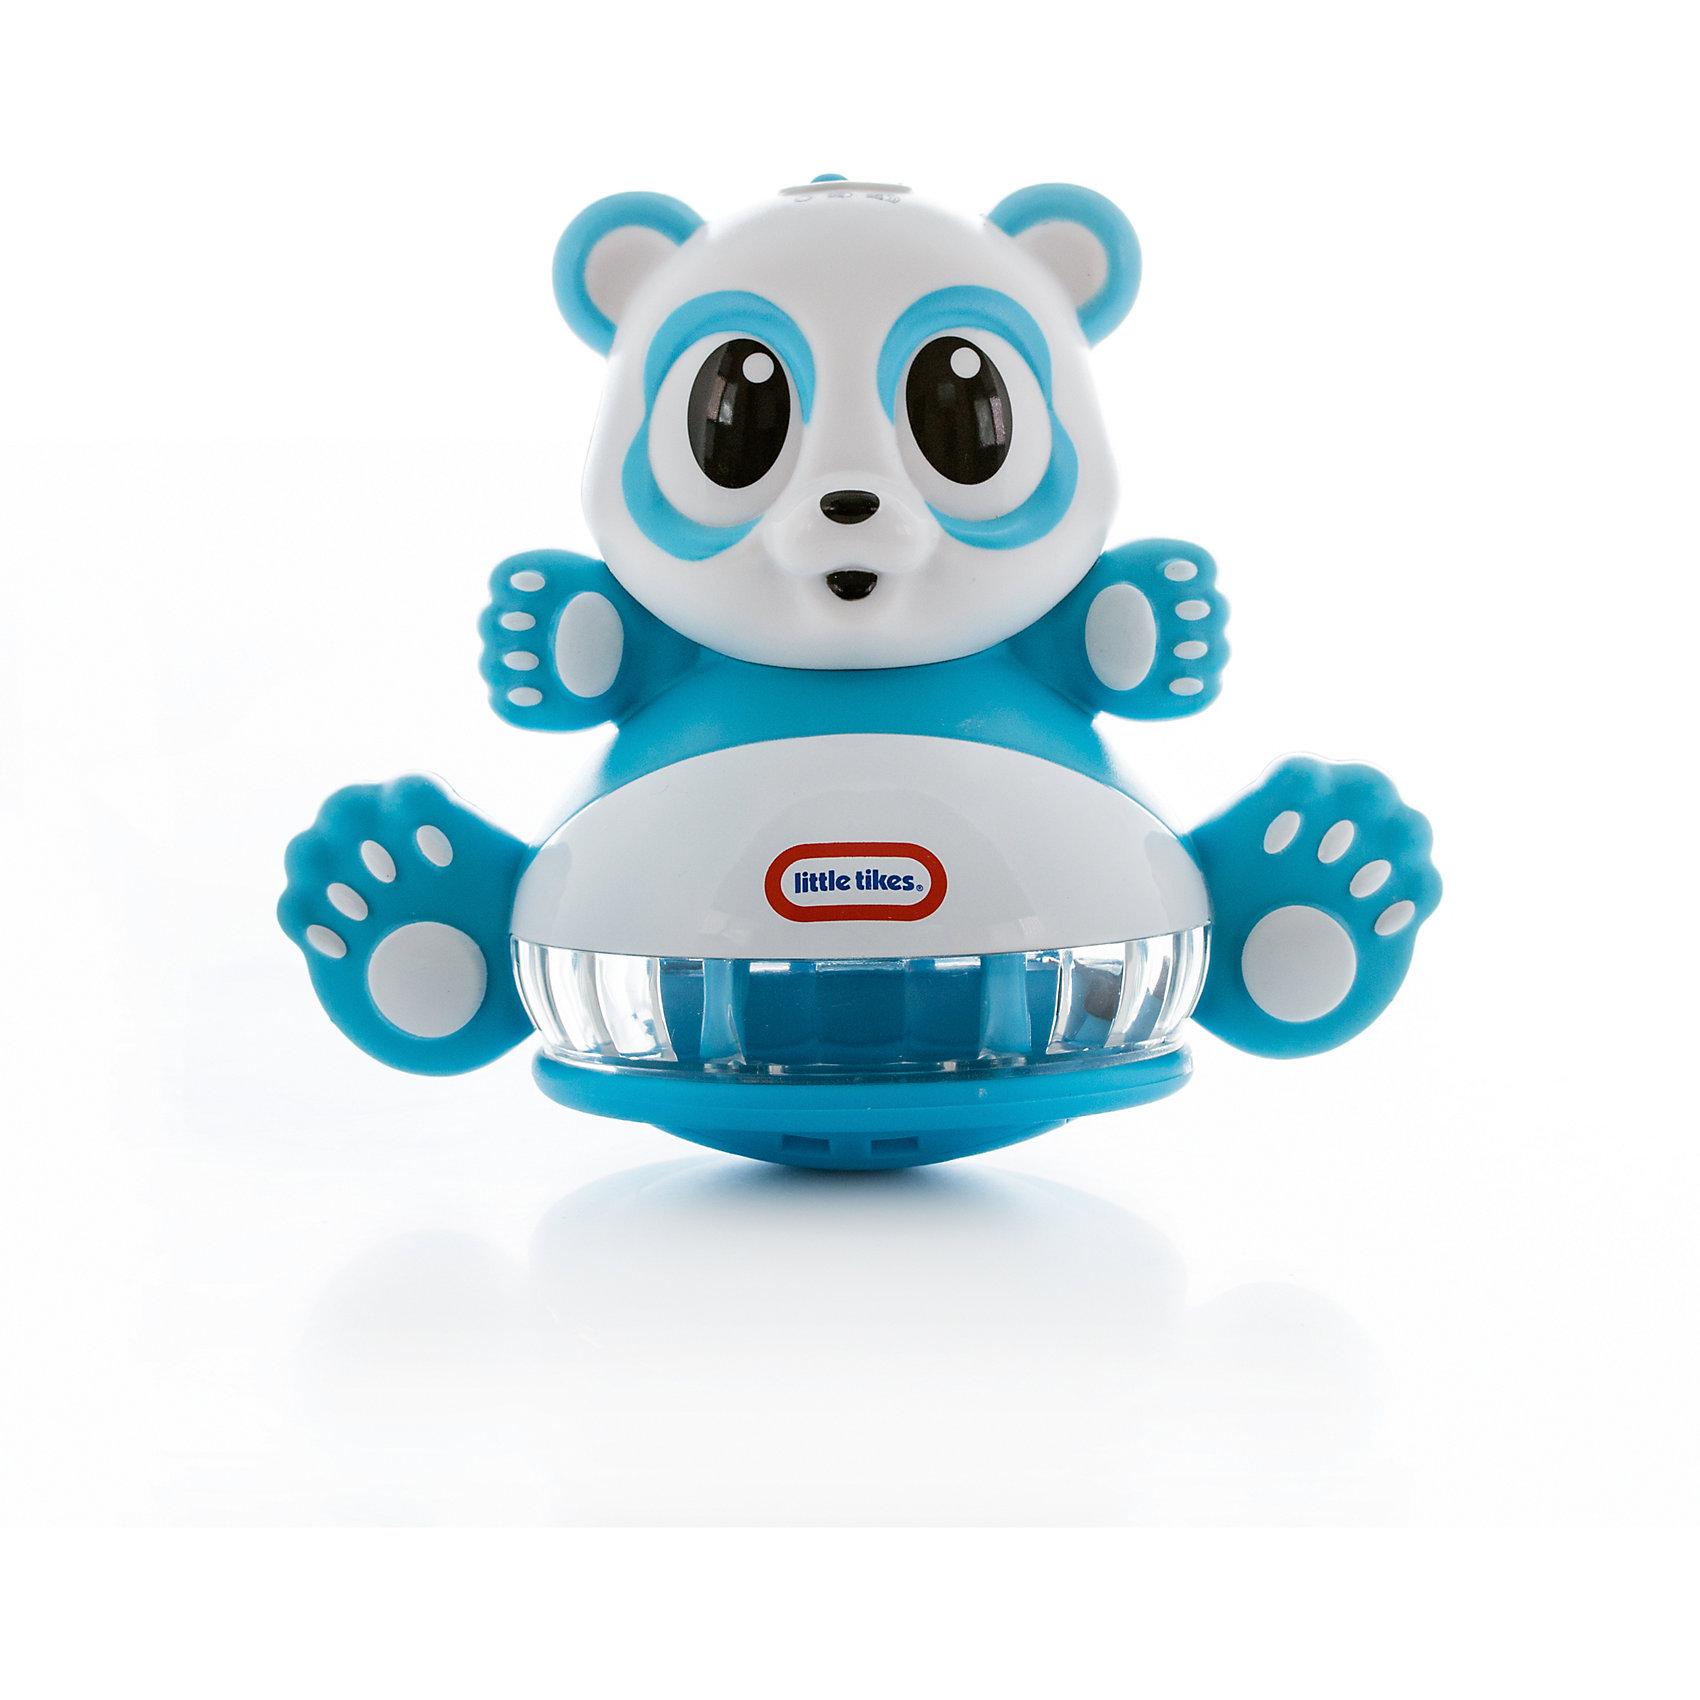 Развивающая неваляшка Панда со световыми эффектами, Little TikesХарактеристики товара:<br><br>- цвет: разноцветный;<br>- материал: пластик; <br>- габариты упаковки: 16х21х12 см;<br>- вес: 475 г;<br>- возраст: 6+ месяцев.<br><br>Интерактивные игрушки – прекрасный помощник при развитии малыша. При раскачивании неваляшки малыш услышит разные звуки, которые будут меняться при изменении траектории движения неваляшки. В панде встроено 6 веселых мелодий. Игрушка развлечет малыша и познакомит ребенка с причинно-следственной связью. Материалы, использованные при изготовлении изделия, абсолютно безопасны и полностью отвечают международным требованиям по качеству детских товаров.<br><br>Игрушку Развивающая неваляшка Панда со световыми эффектами от бренда Little Tikes можно купить в нашем интернет-магазине.<br><br>Ширина мм: 180<br>Глубина мм: 210<br>Высота мм: 120<br>Вес г: 475<br>Возраст от месяцев: 6<br>Возраст до месяцев: 2147483647<br>Пол: Унисекс<br>Возраст: Детский<br>SKU: 5115462